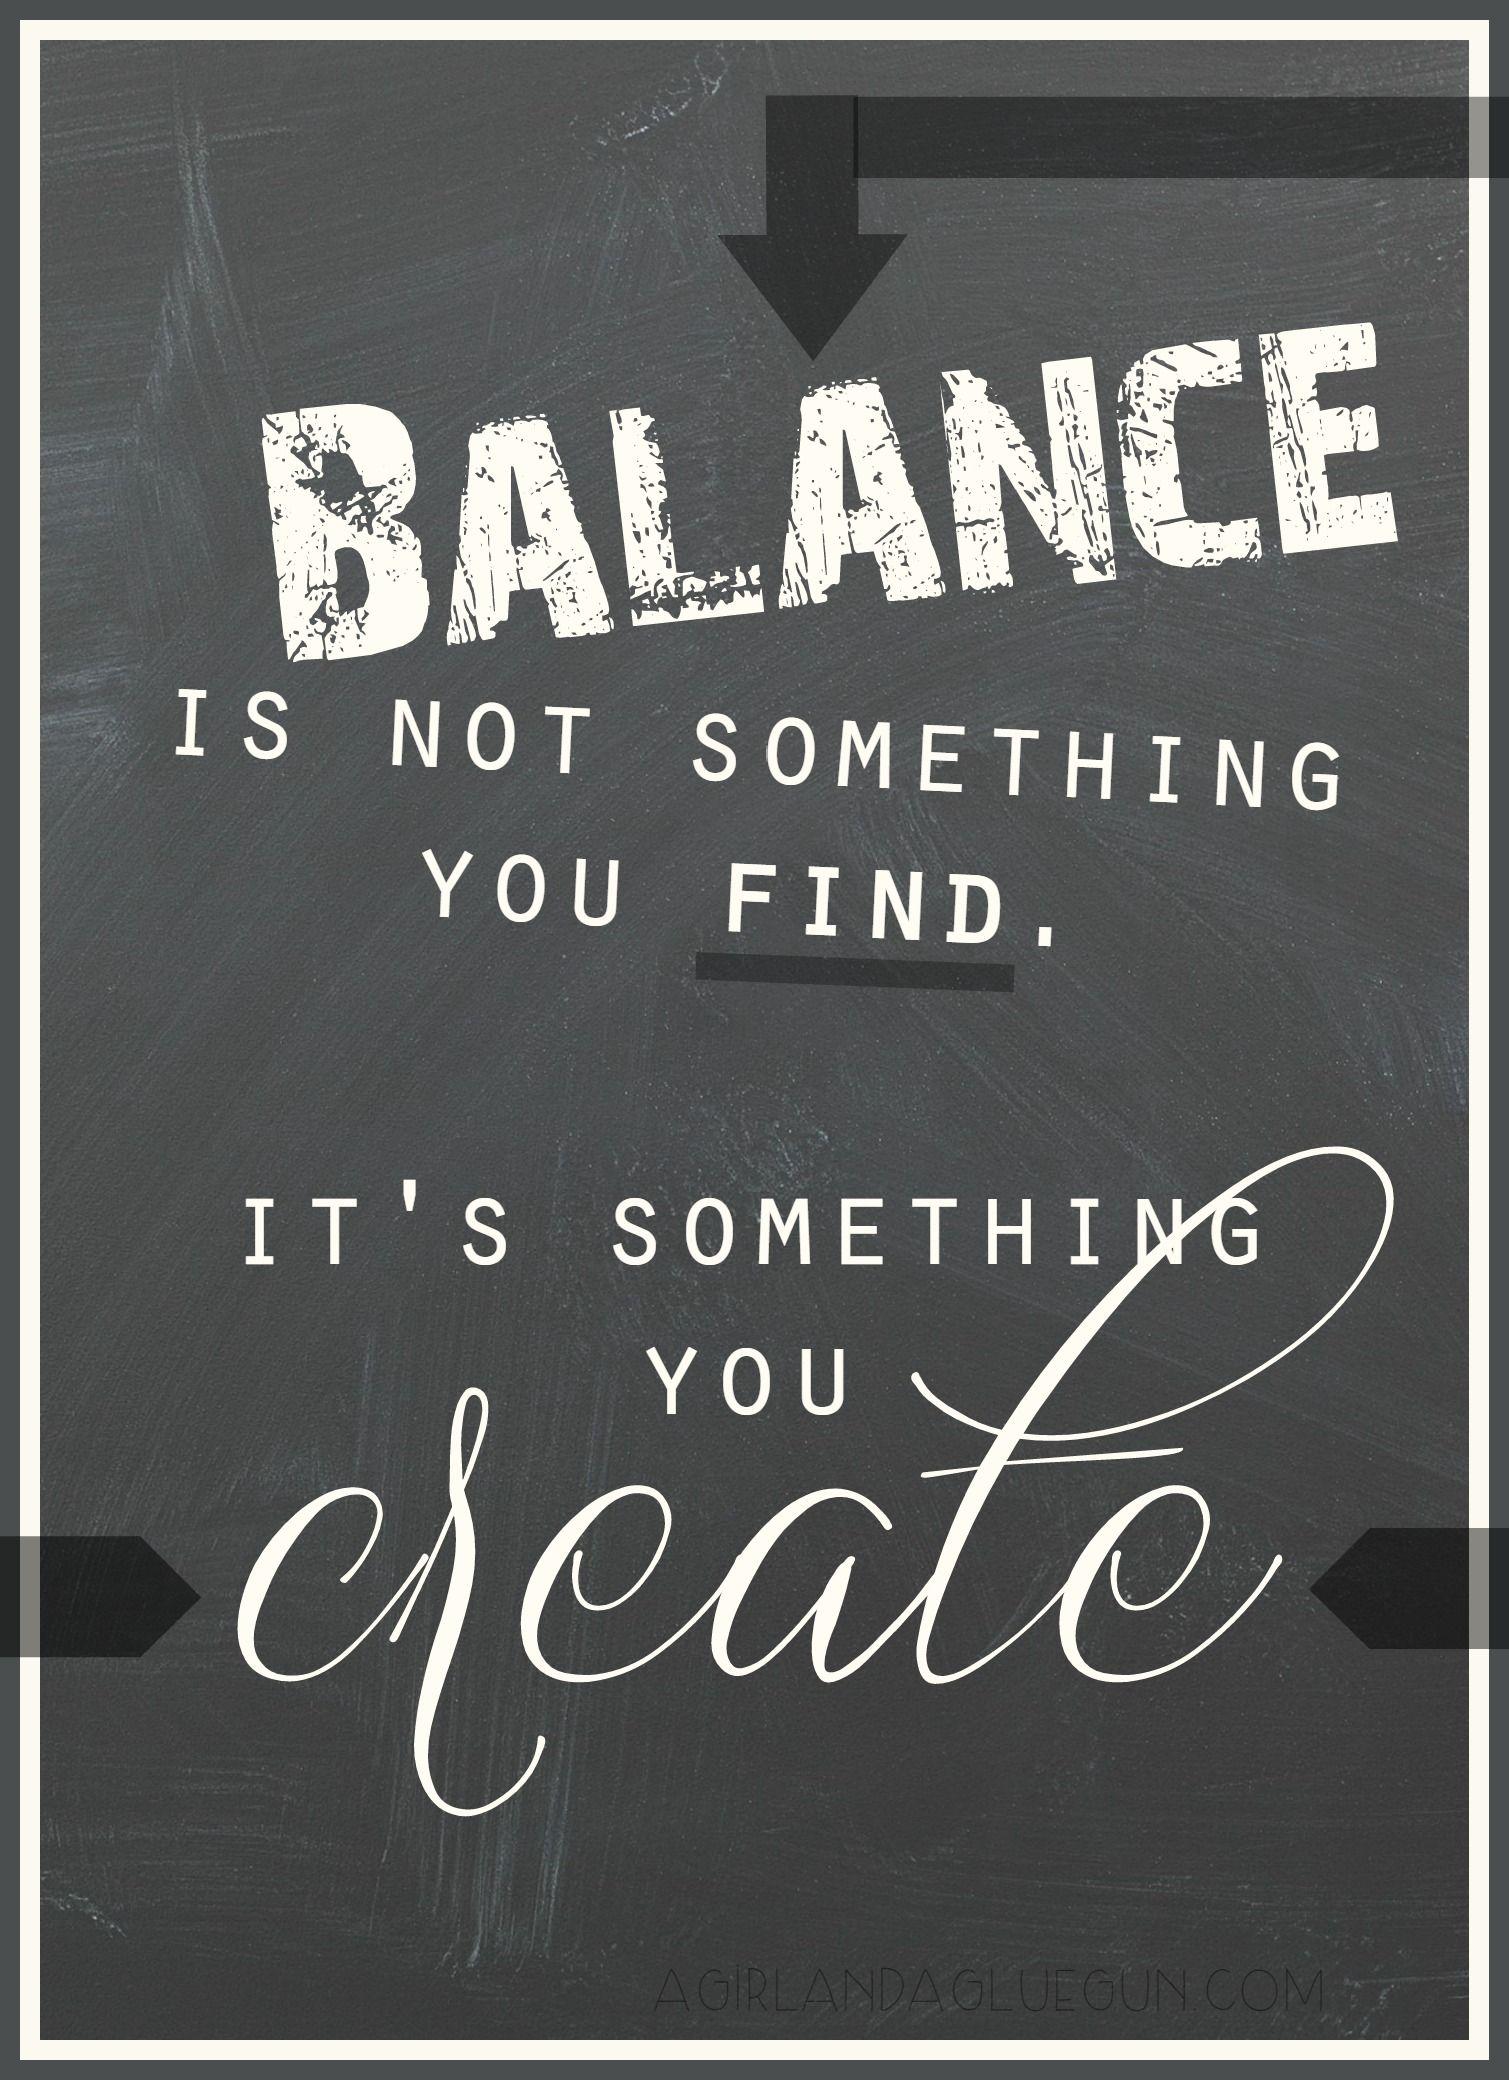 Balance Quotes One Word Goal: A Girl and a Glue Gun | bölcs gondolatok  Balance Quotes